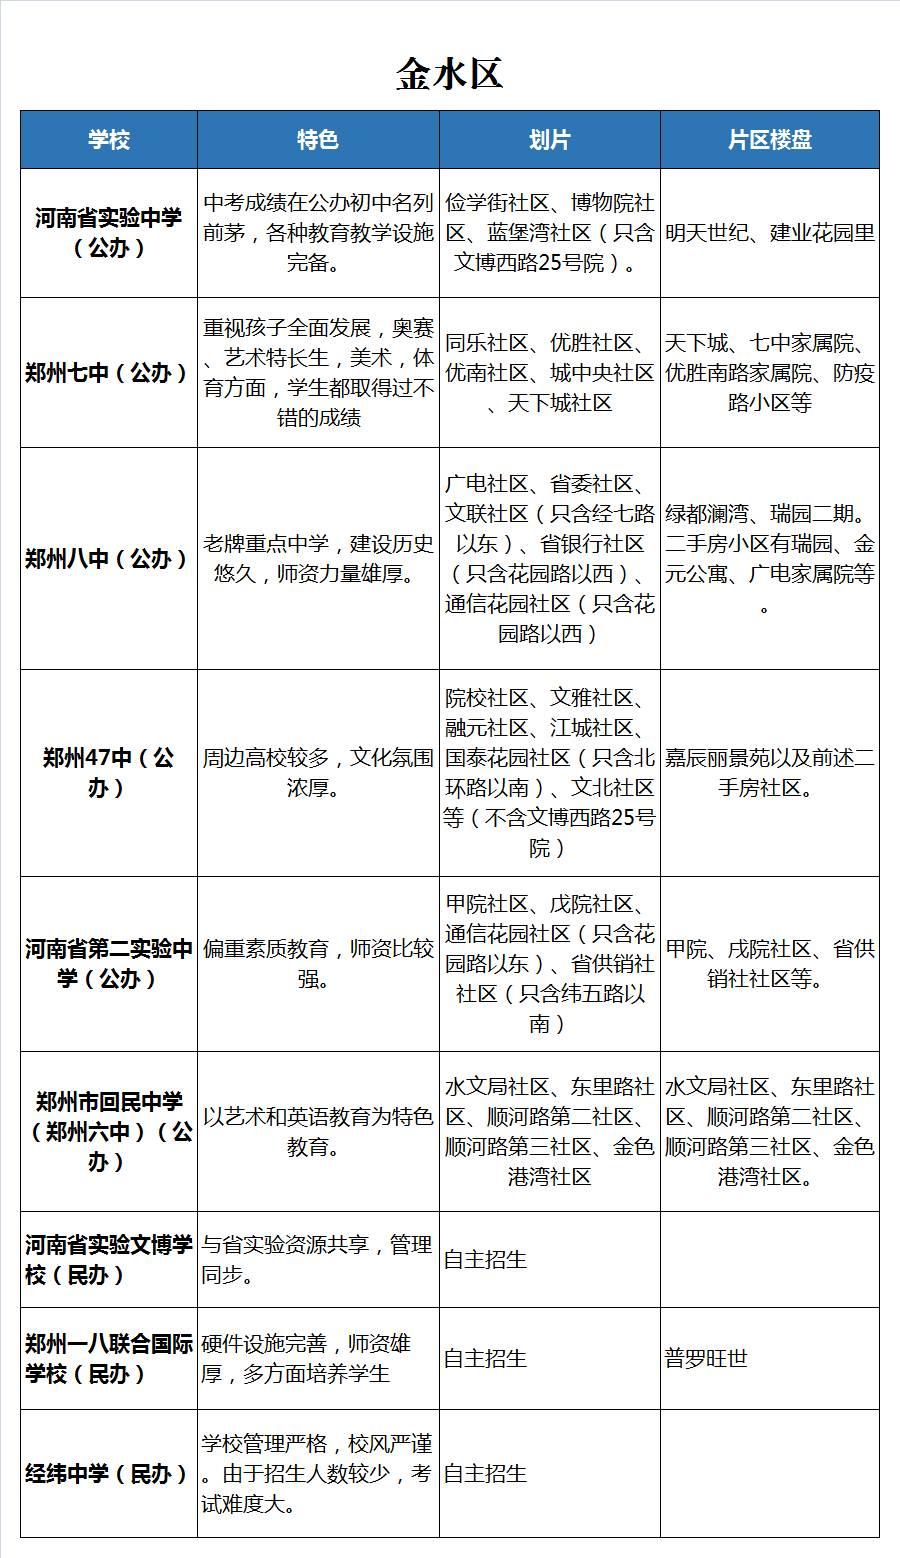 2018郑州小升初35所知名初中信息汇总(责编保举:数学课件jxfudao.com/xuesheng)